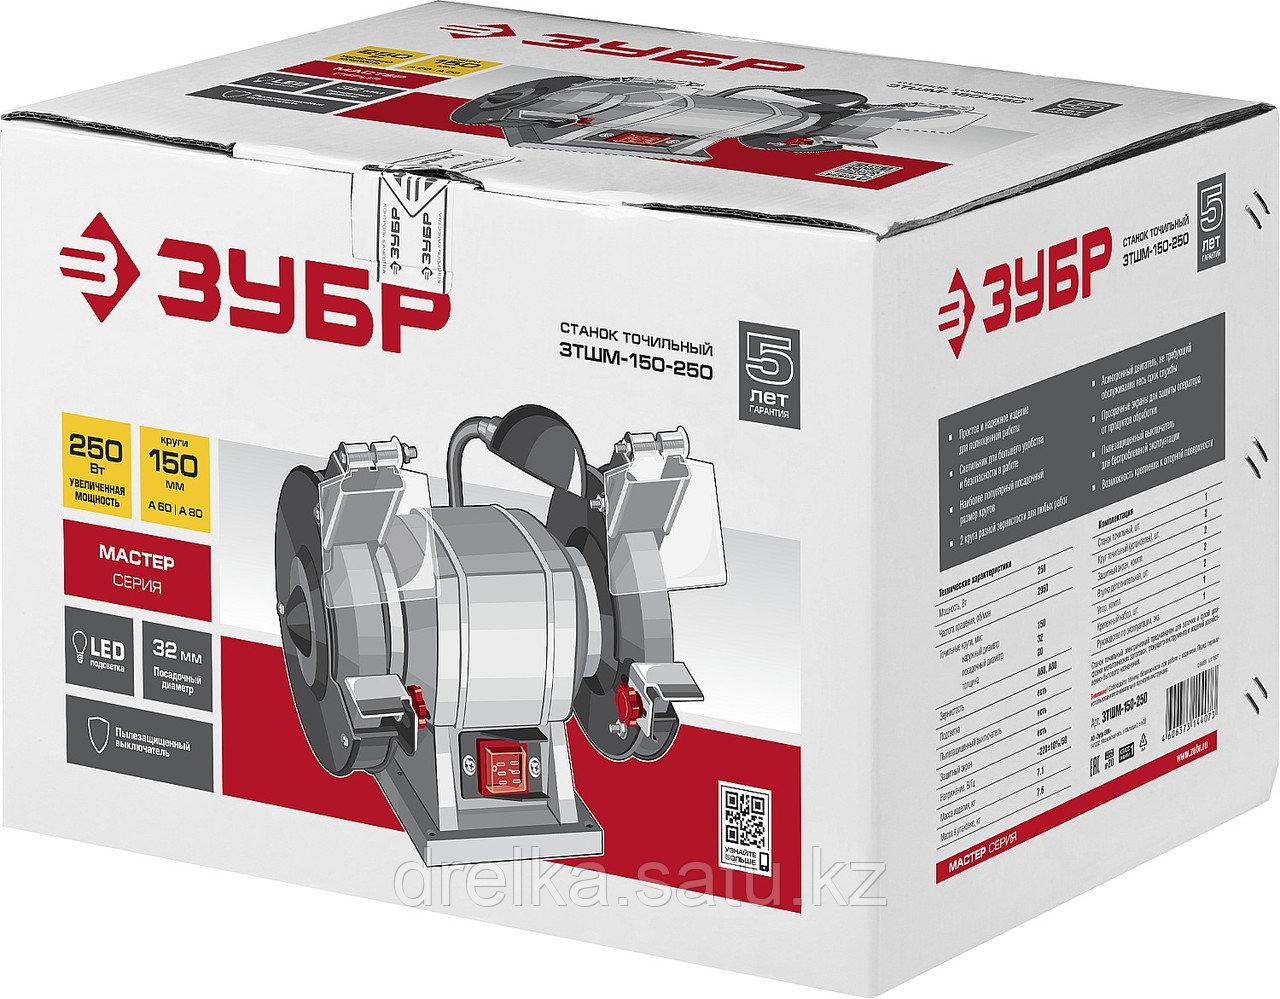 Станок точильный ЗУБР ЗТШМ-150-250, МАСТЕР, двойной, диск 150 х 20 х 32 мм, лампа подсветки, 250 Вт. - фото 7